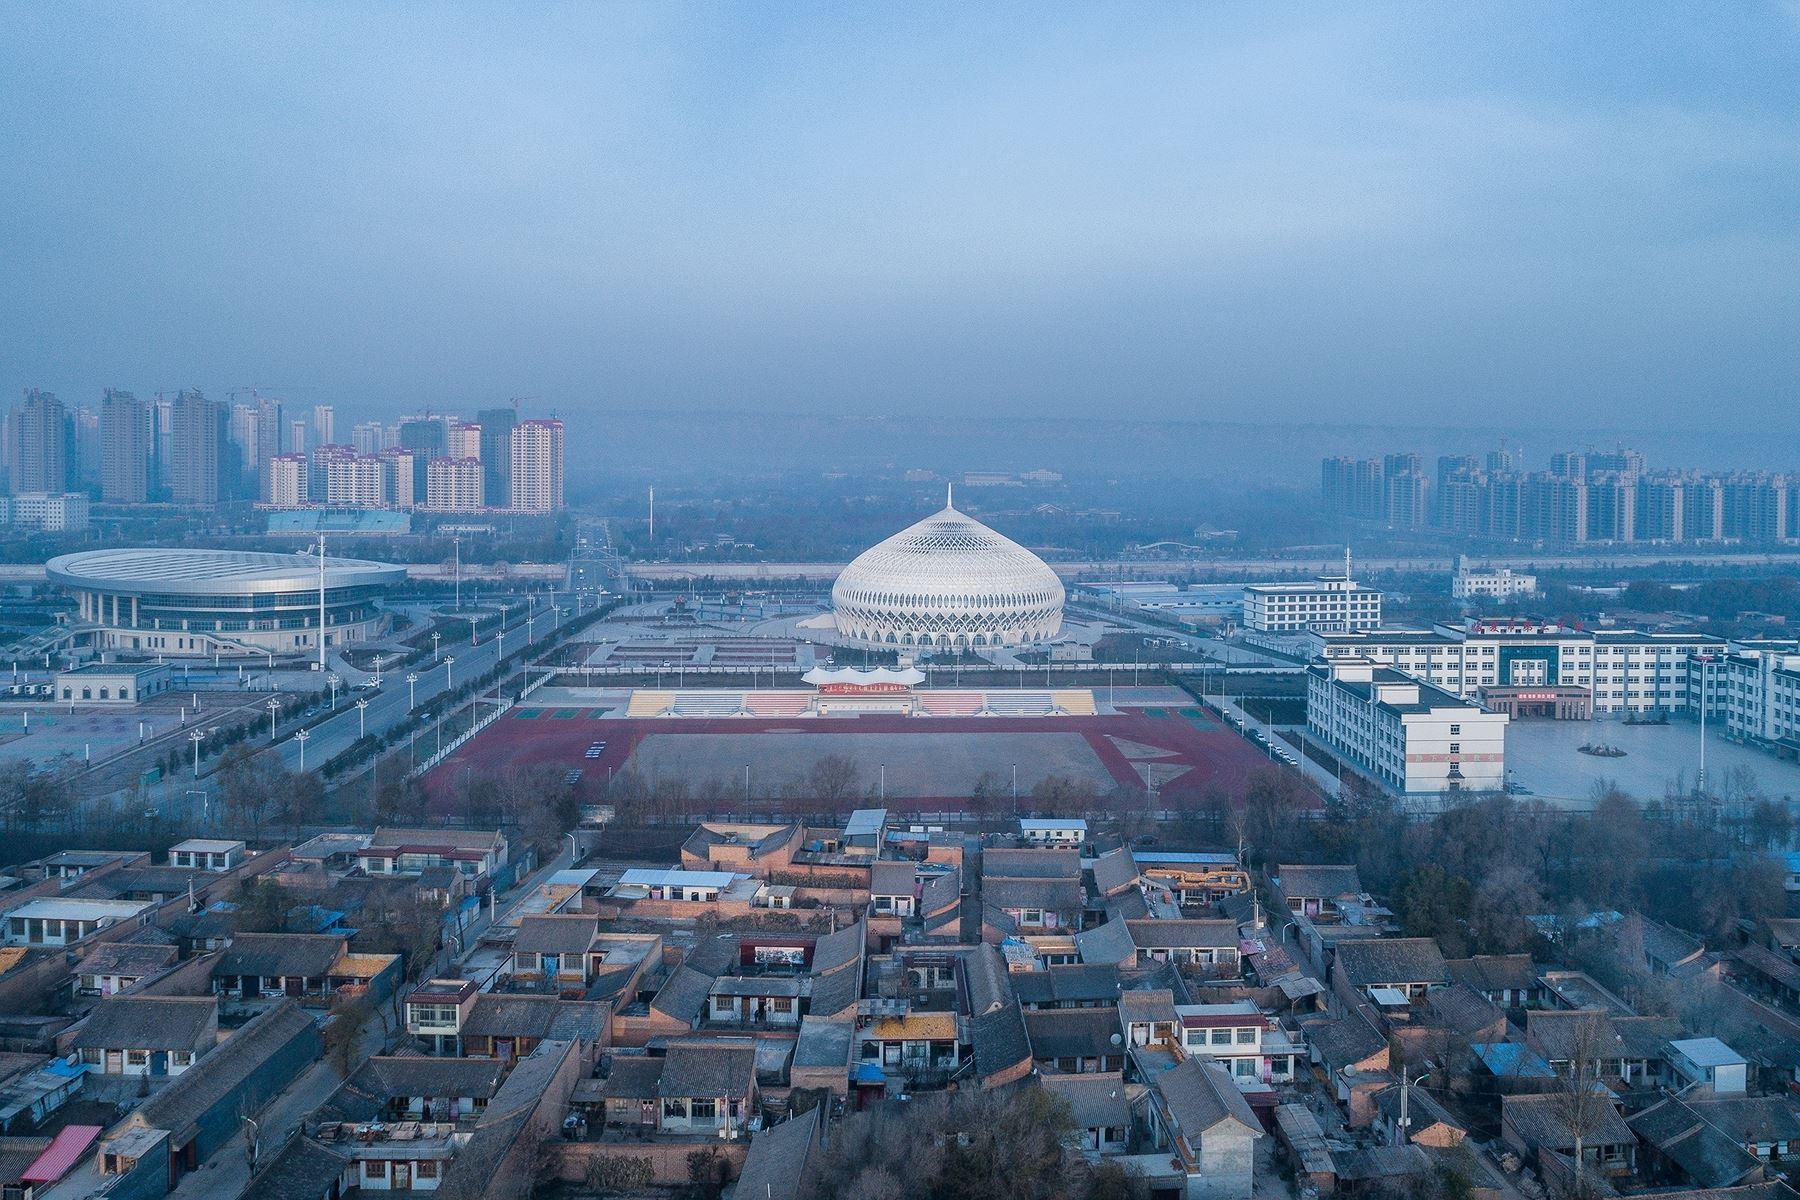 Nhà hát lớn Linxia: Mê hoặc mọi góc nhìn - Hình 1